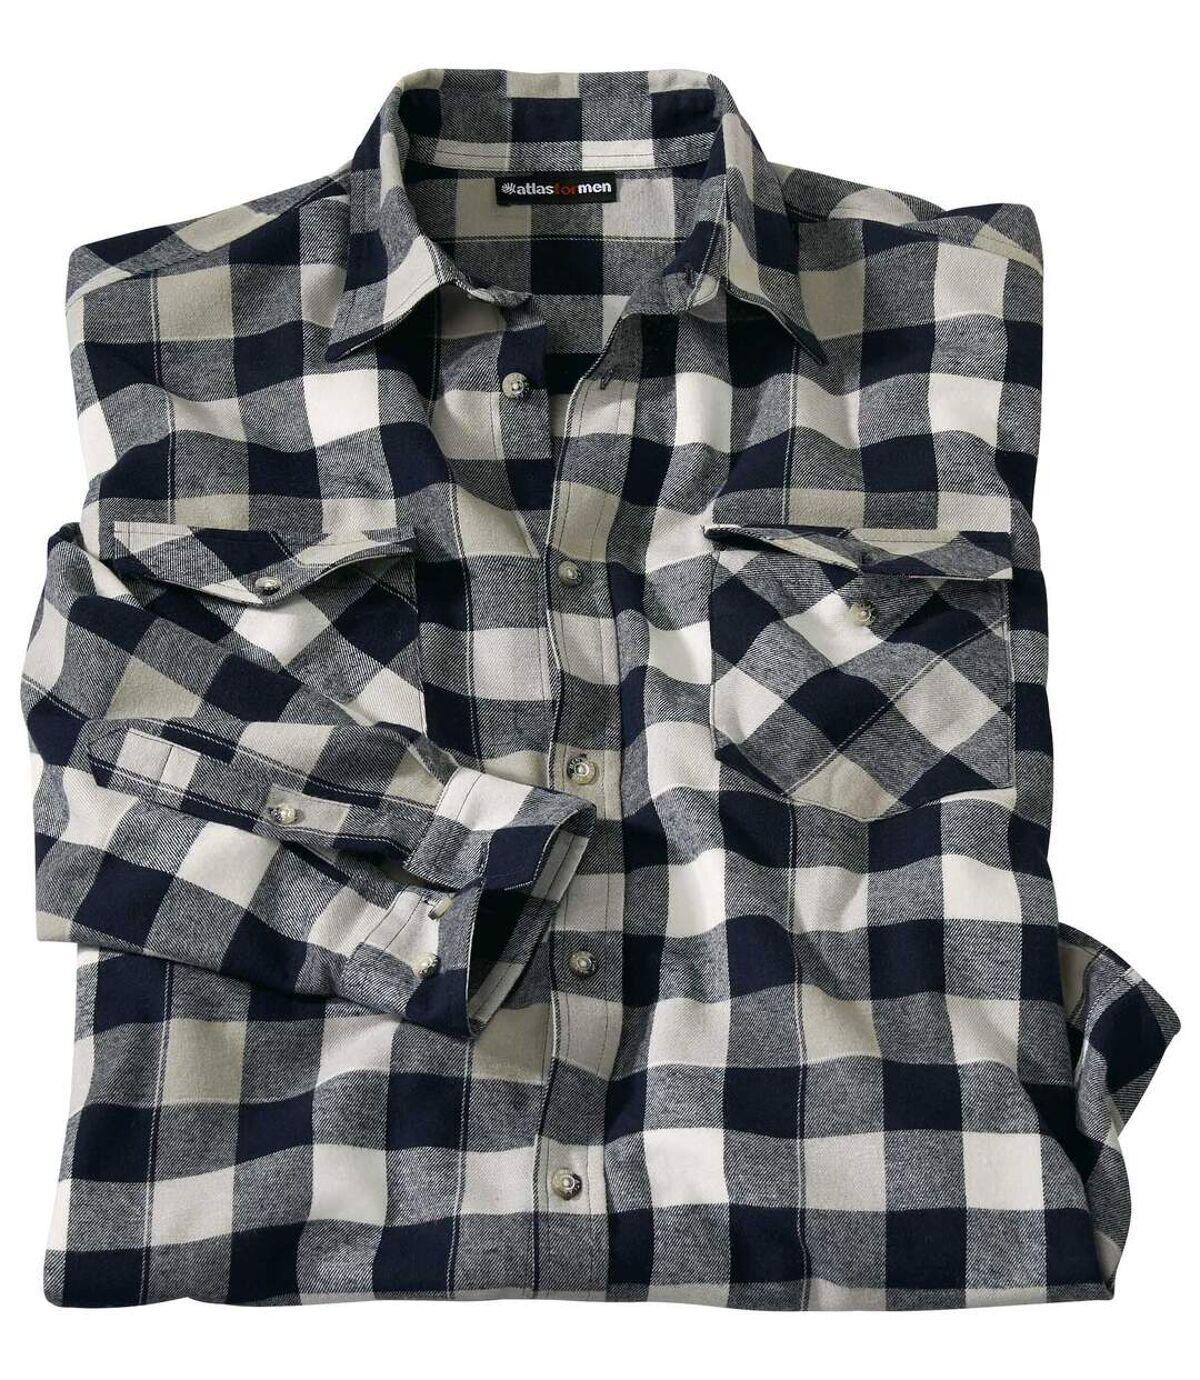 Men's Navy Checked Flannel Shirt Atlas For Men